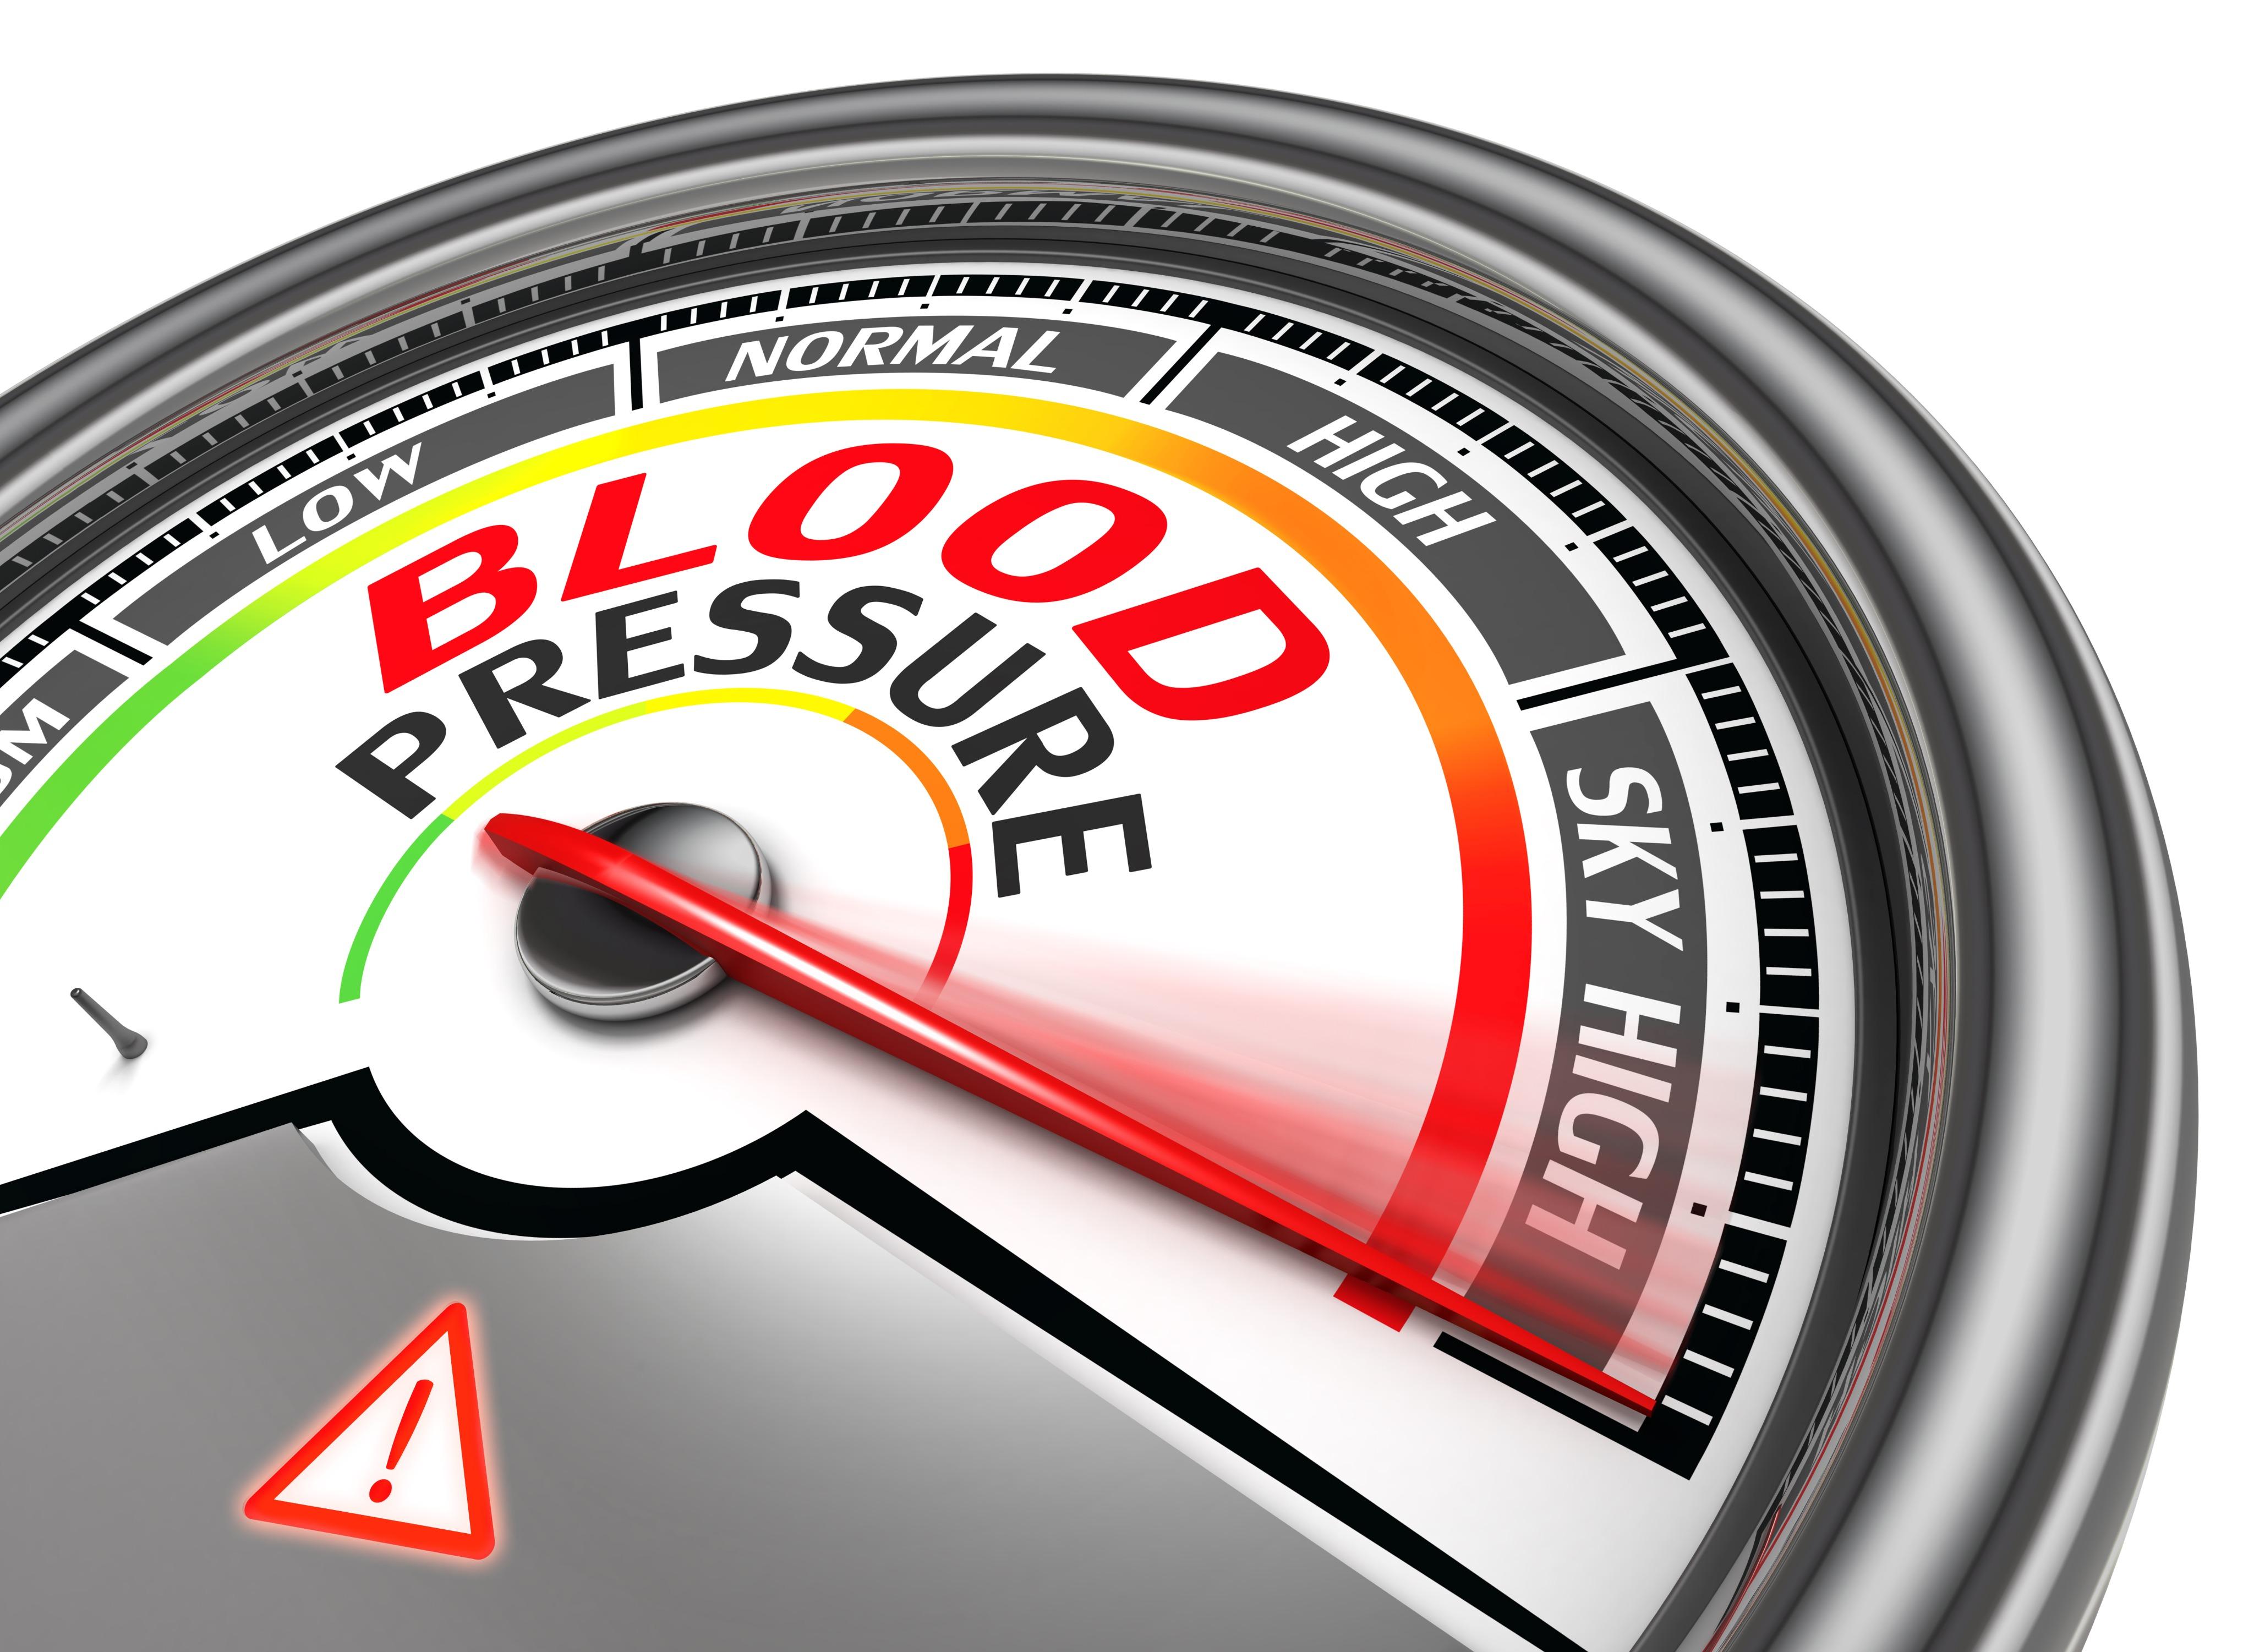 magas vérnyomás megelőzésük és kezelésük tanács kardiológus magas vérnyomás